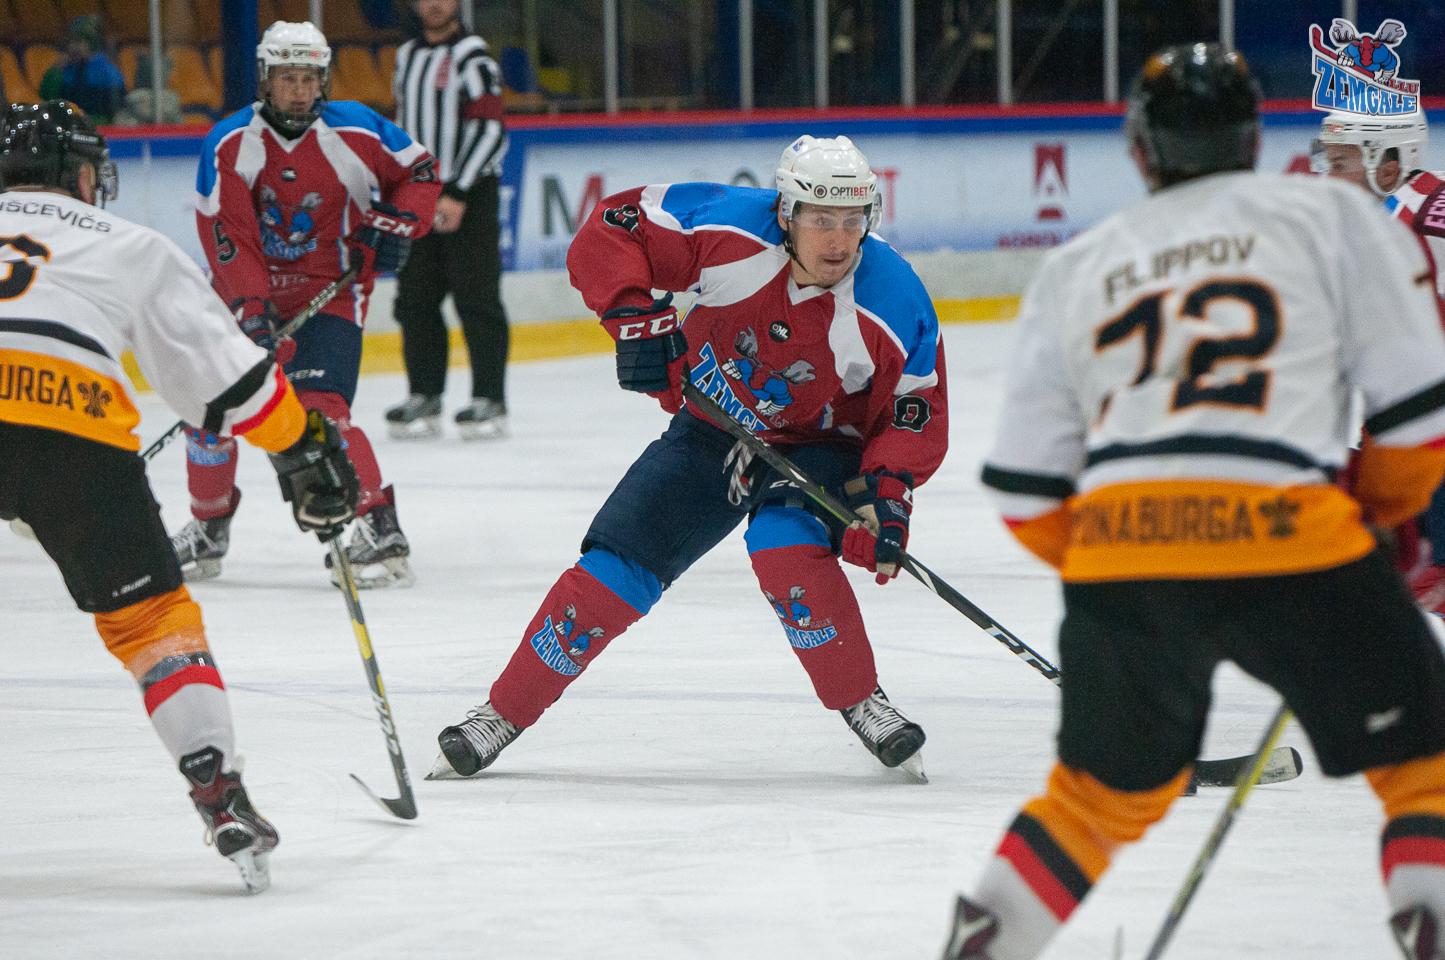 Hokejist mēģina izlidot caur diviem pretiniekiem